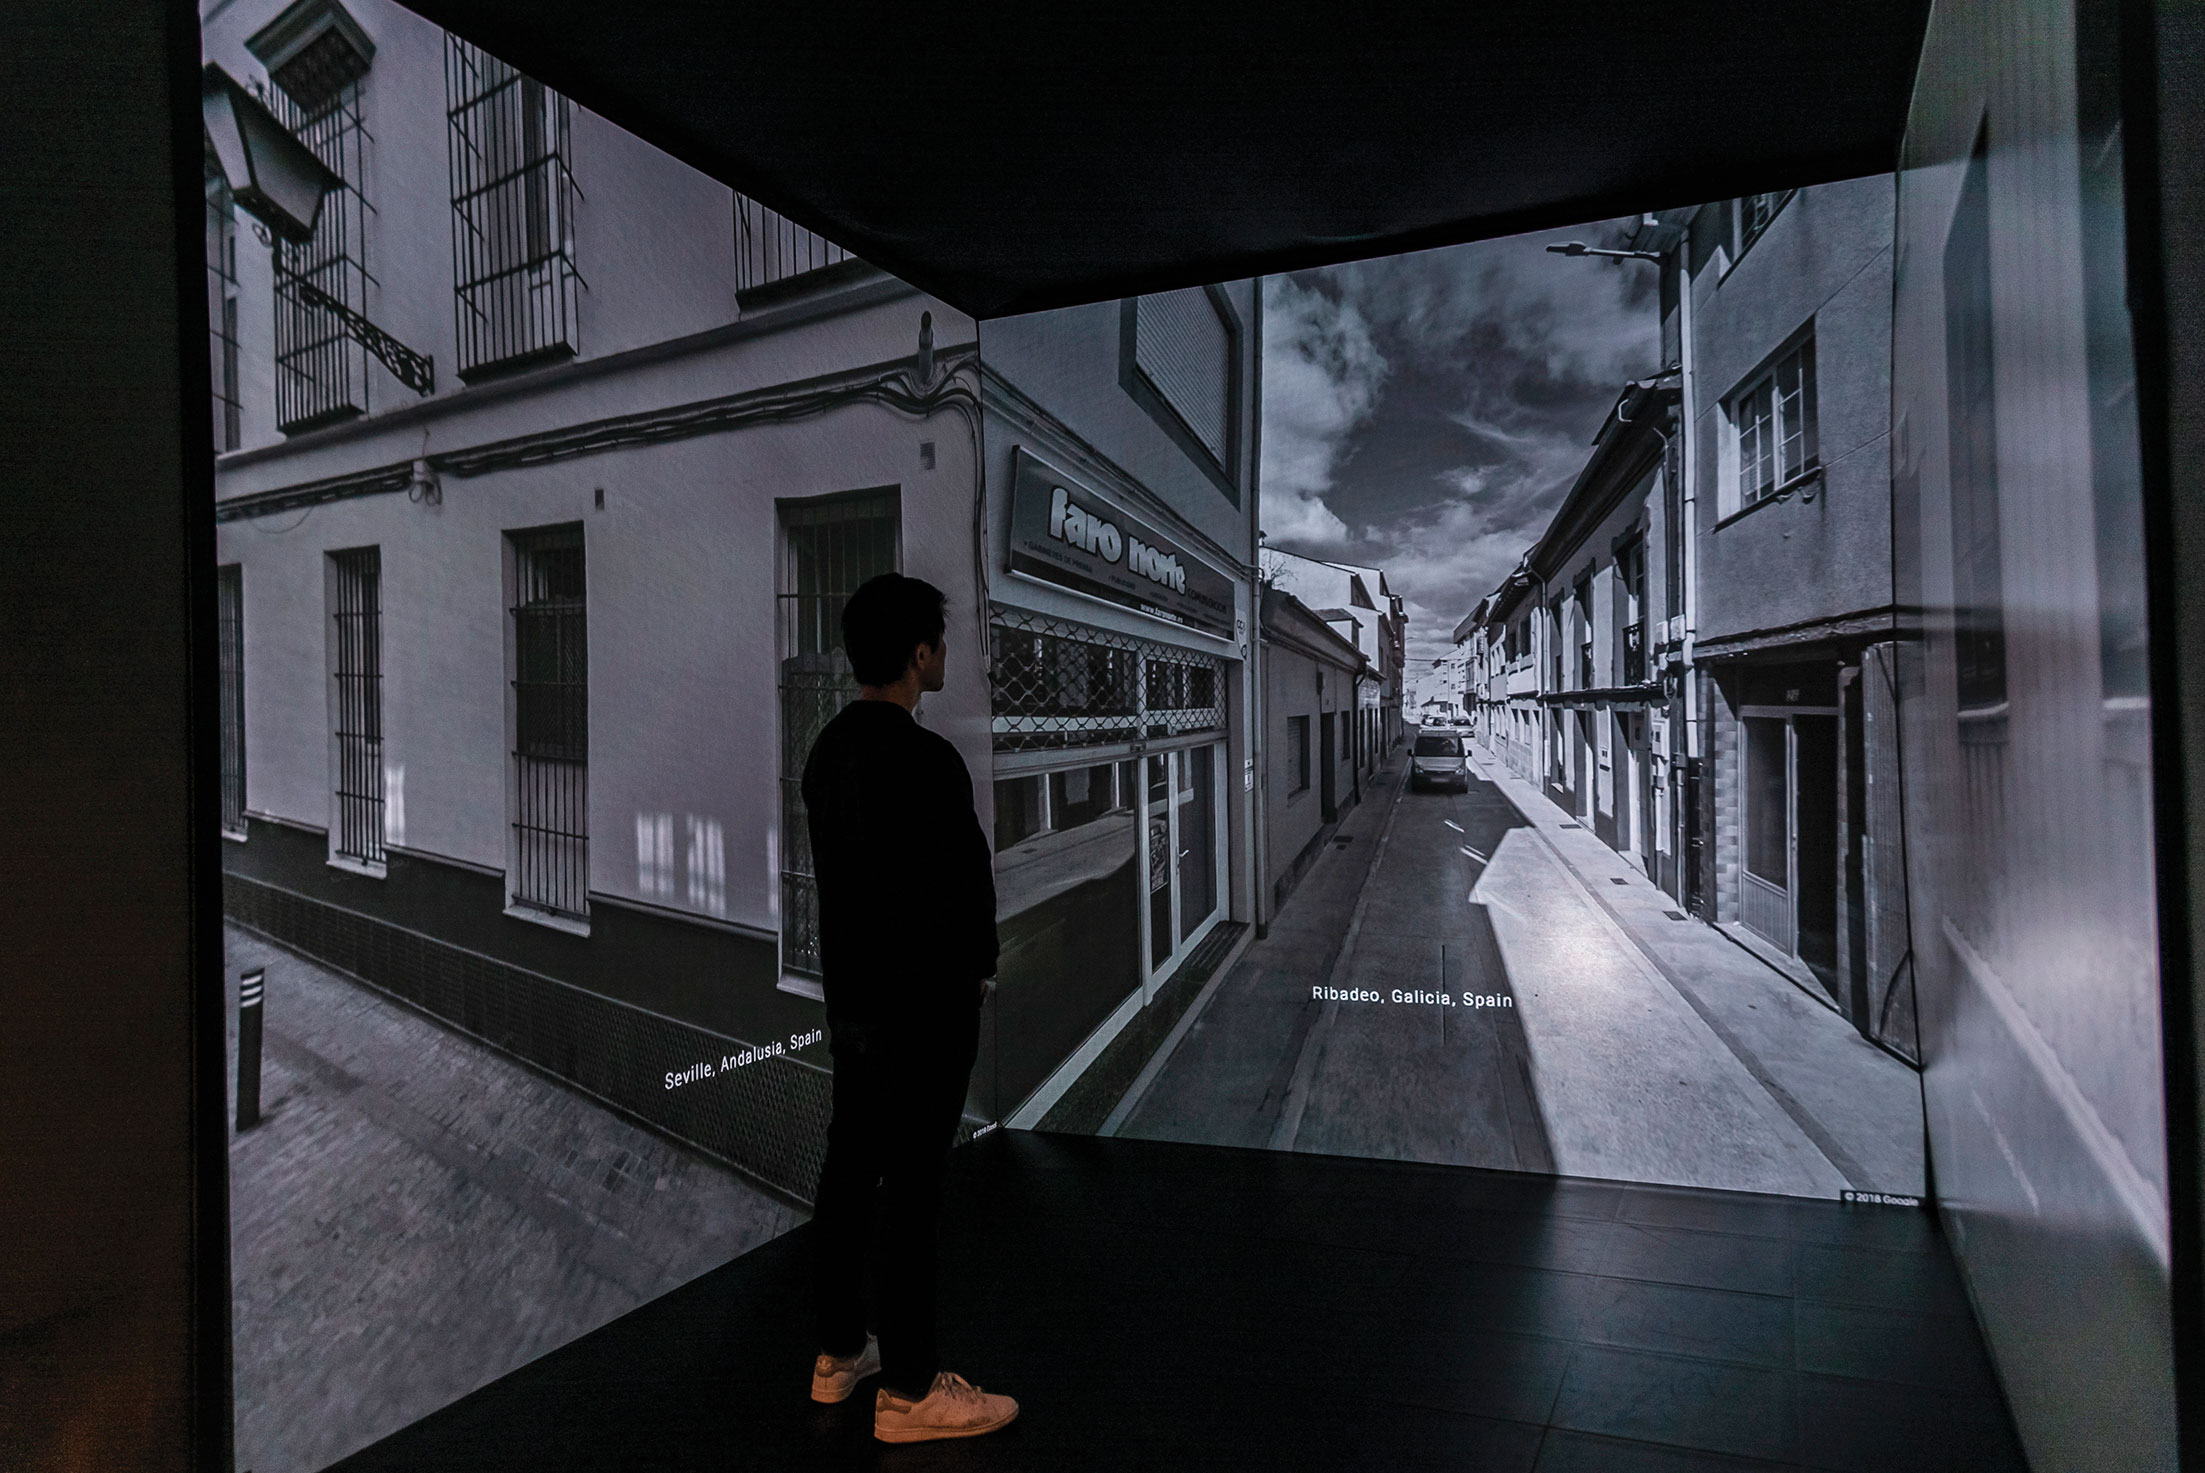 <u> In Imaginary Landscape </u> (2018) <br> Nao Tokui utiliza un algoritmo de aprendizaje automático para crear panoramas a partir de imágenes encontradas en Google Street View y los complementa con paisajes sonoros creados con redes neuronales artificiales.